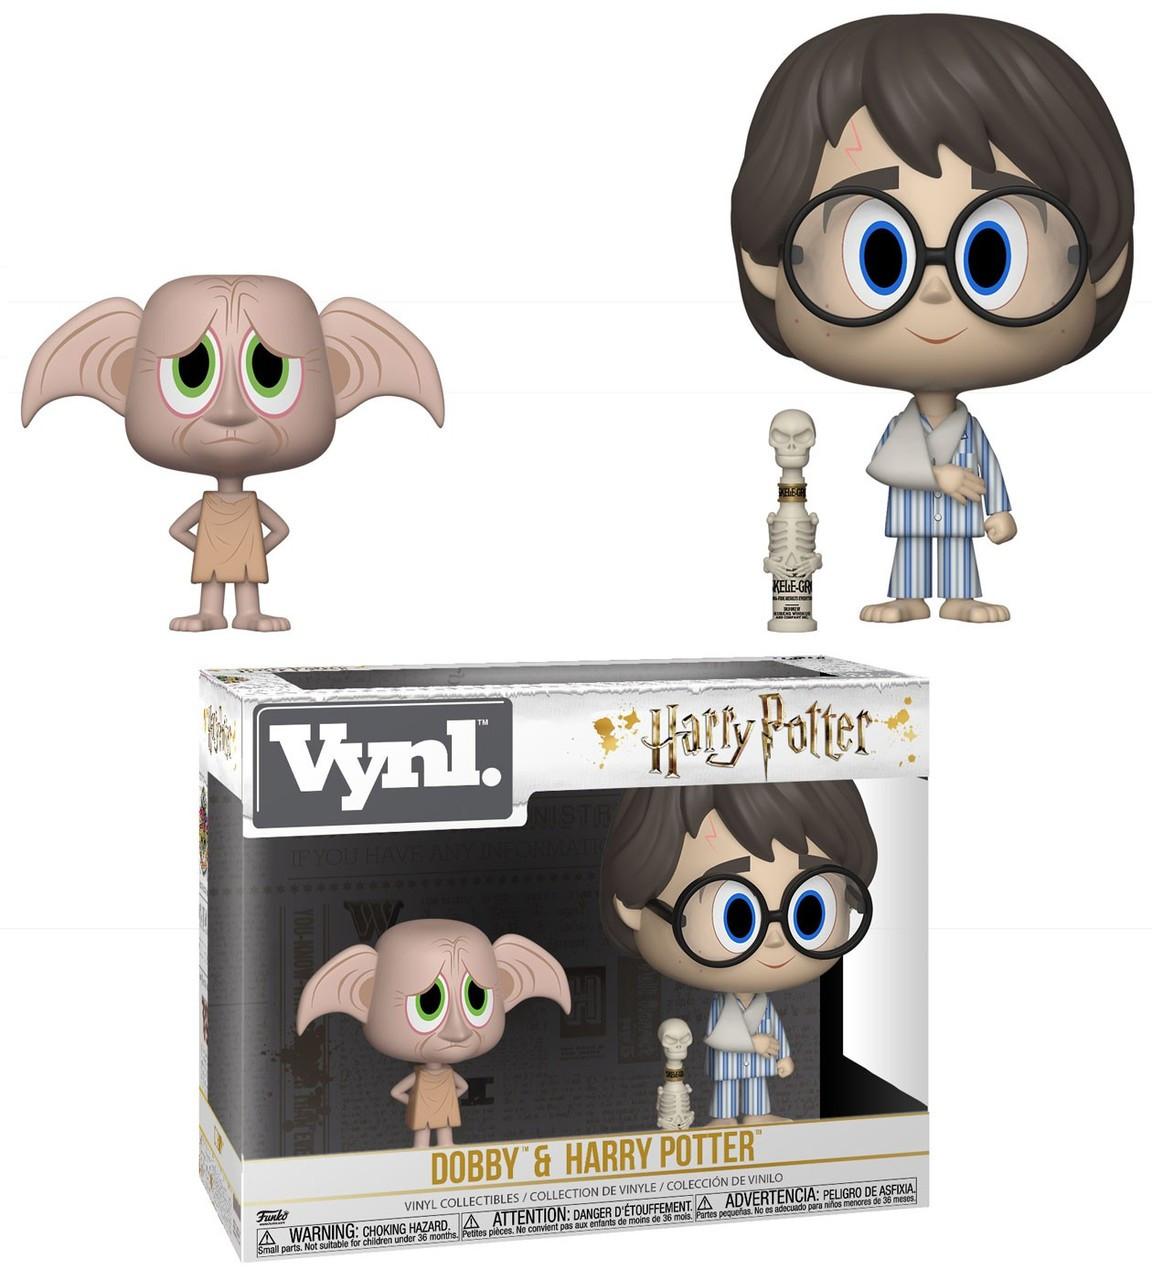 80e7b85fdc0 Funko Harry Potter Vynl. Dobby Harry Potter Vinyl Figure 2-Pack - ToyWiz